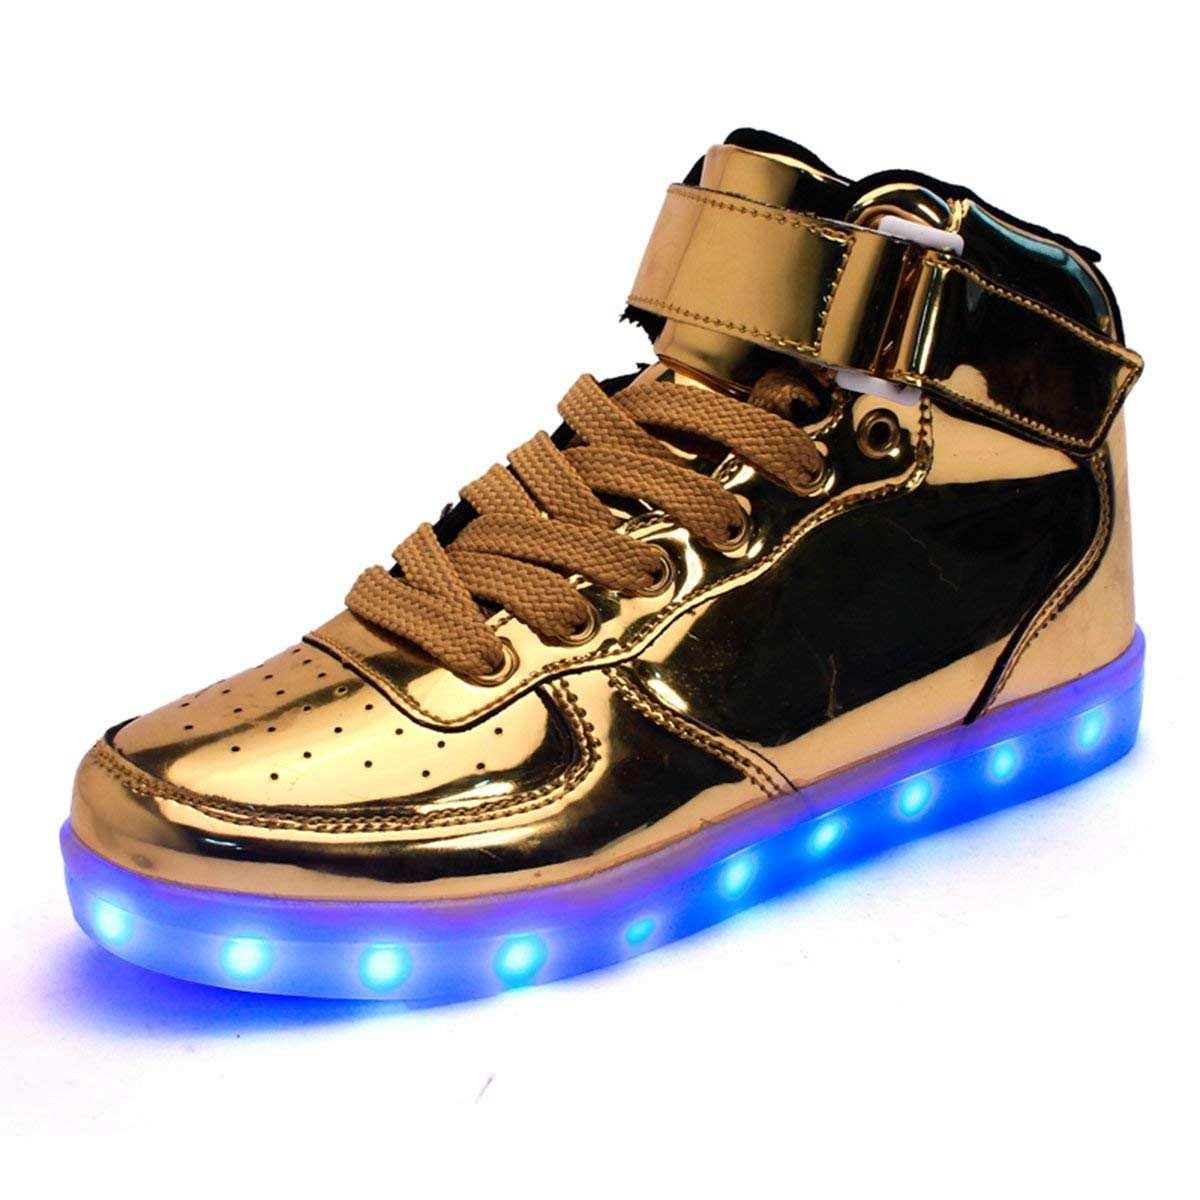 design senza tempo ed099 0251b Le 10 scarpe più Tamarre che puoi comprare su Amazon.